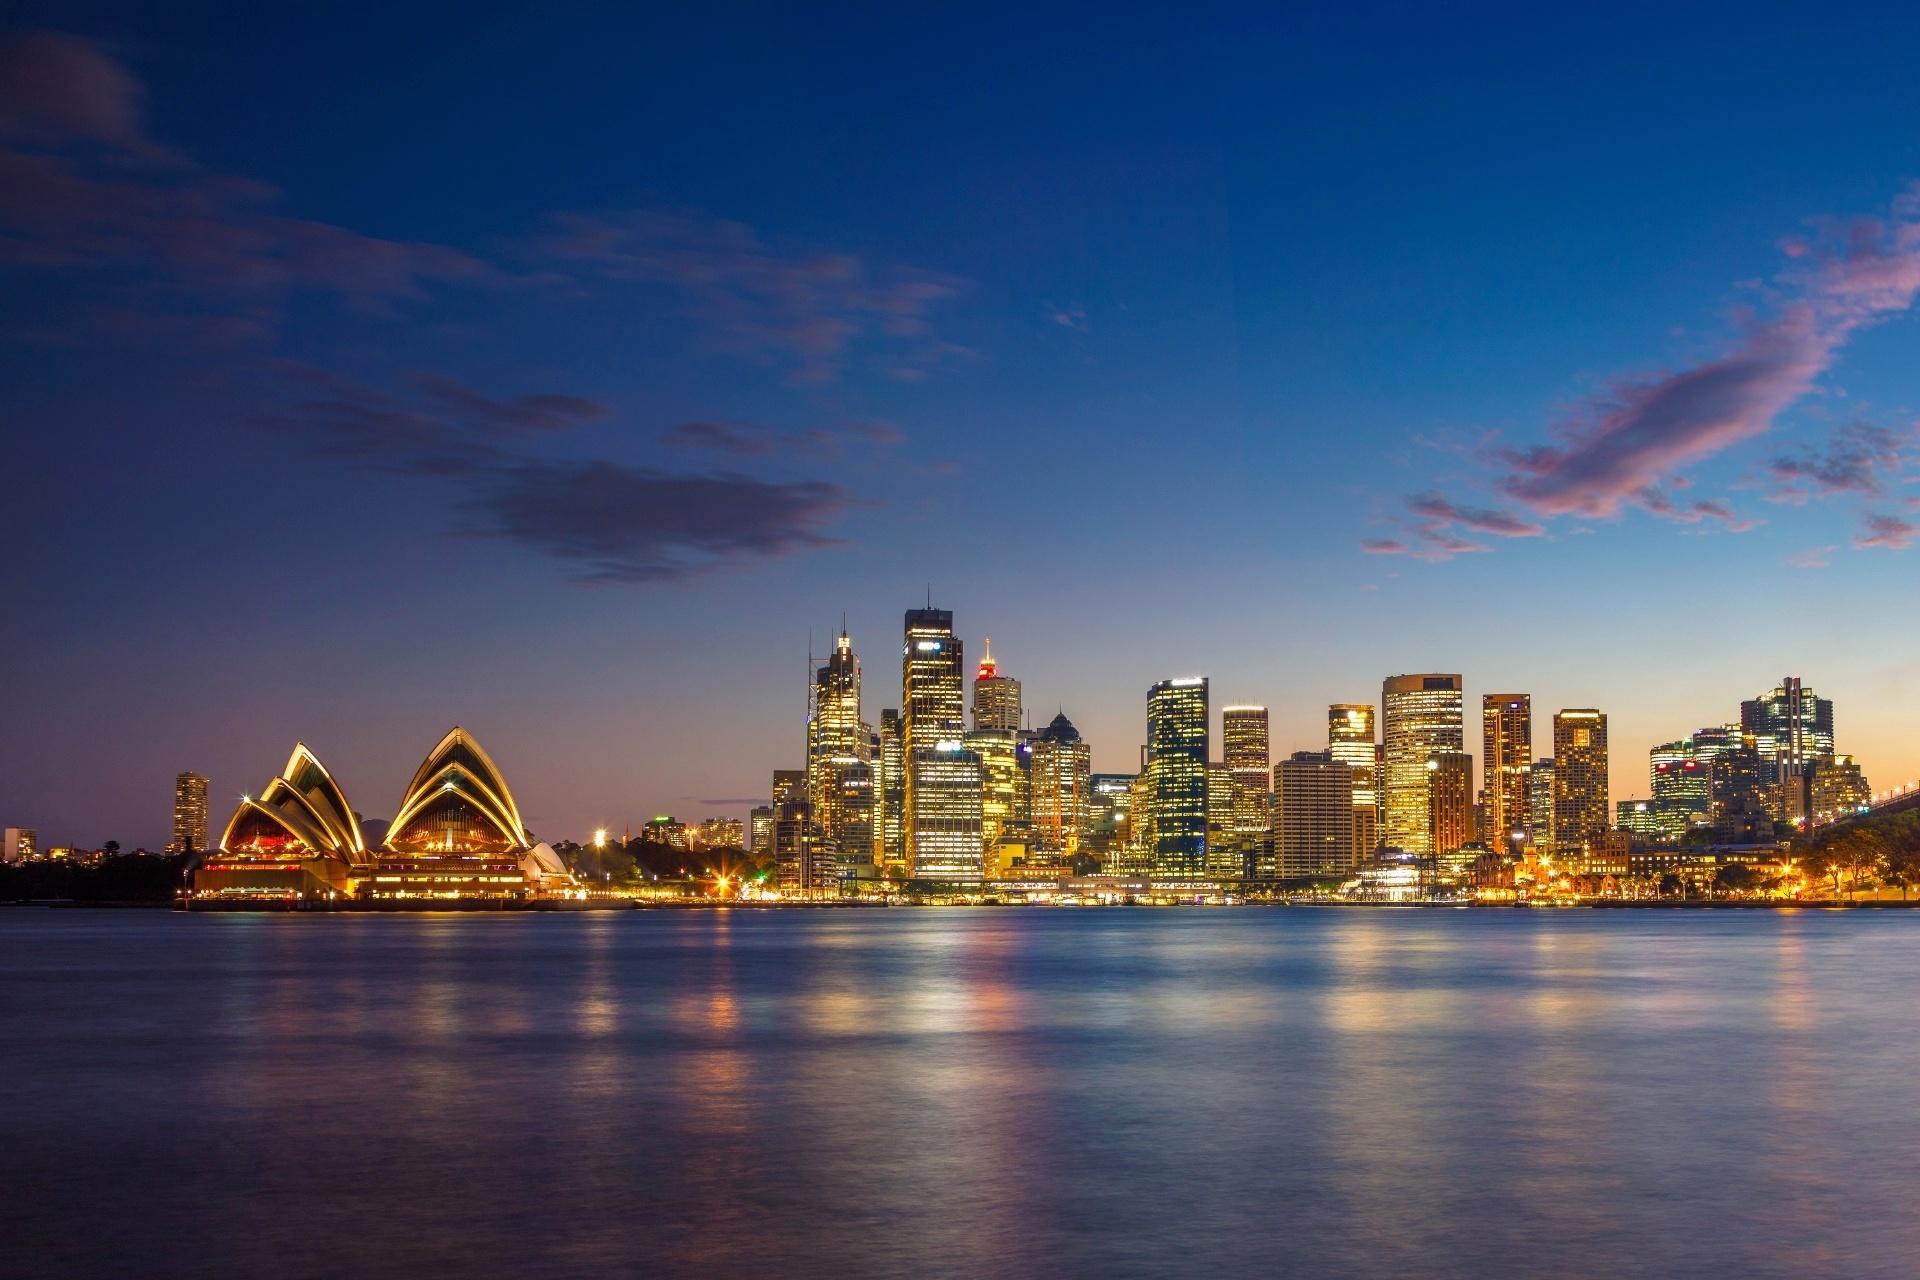 夕暮れのシドニーの風景 オーストラリアの風景